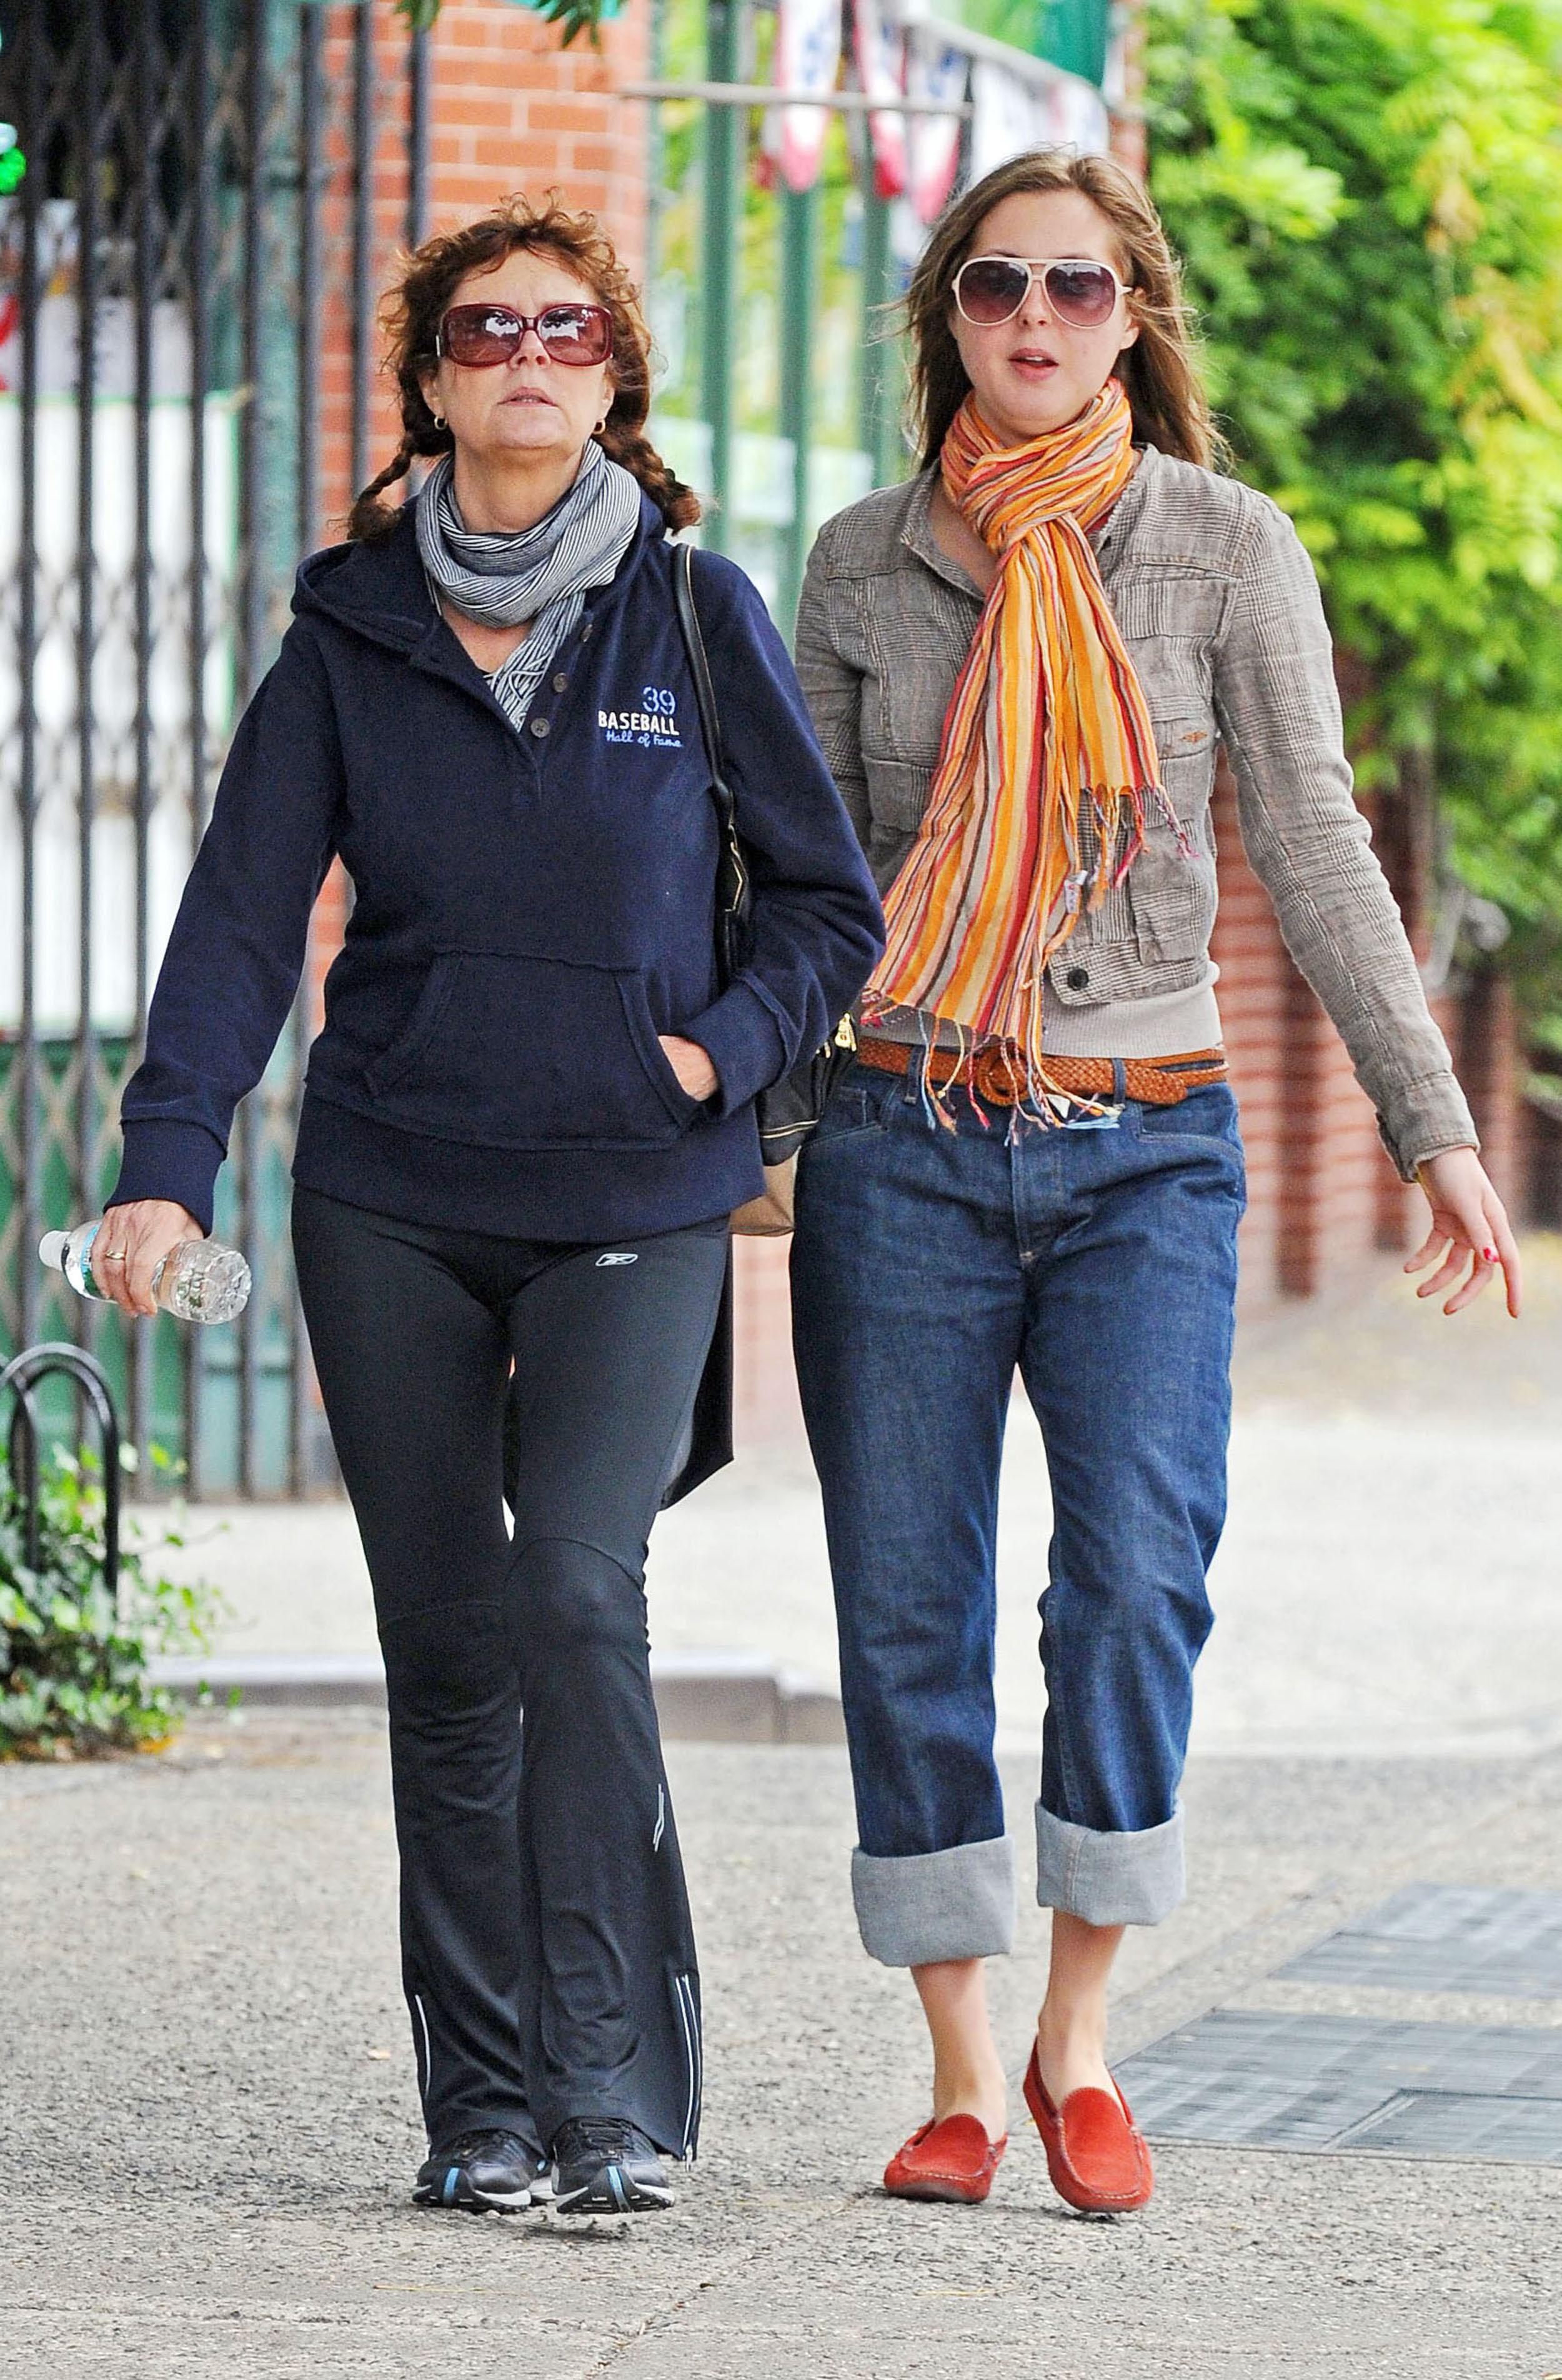 Cindy Crawfordun kızı annesi kadar güzel mi